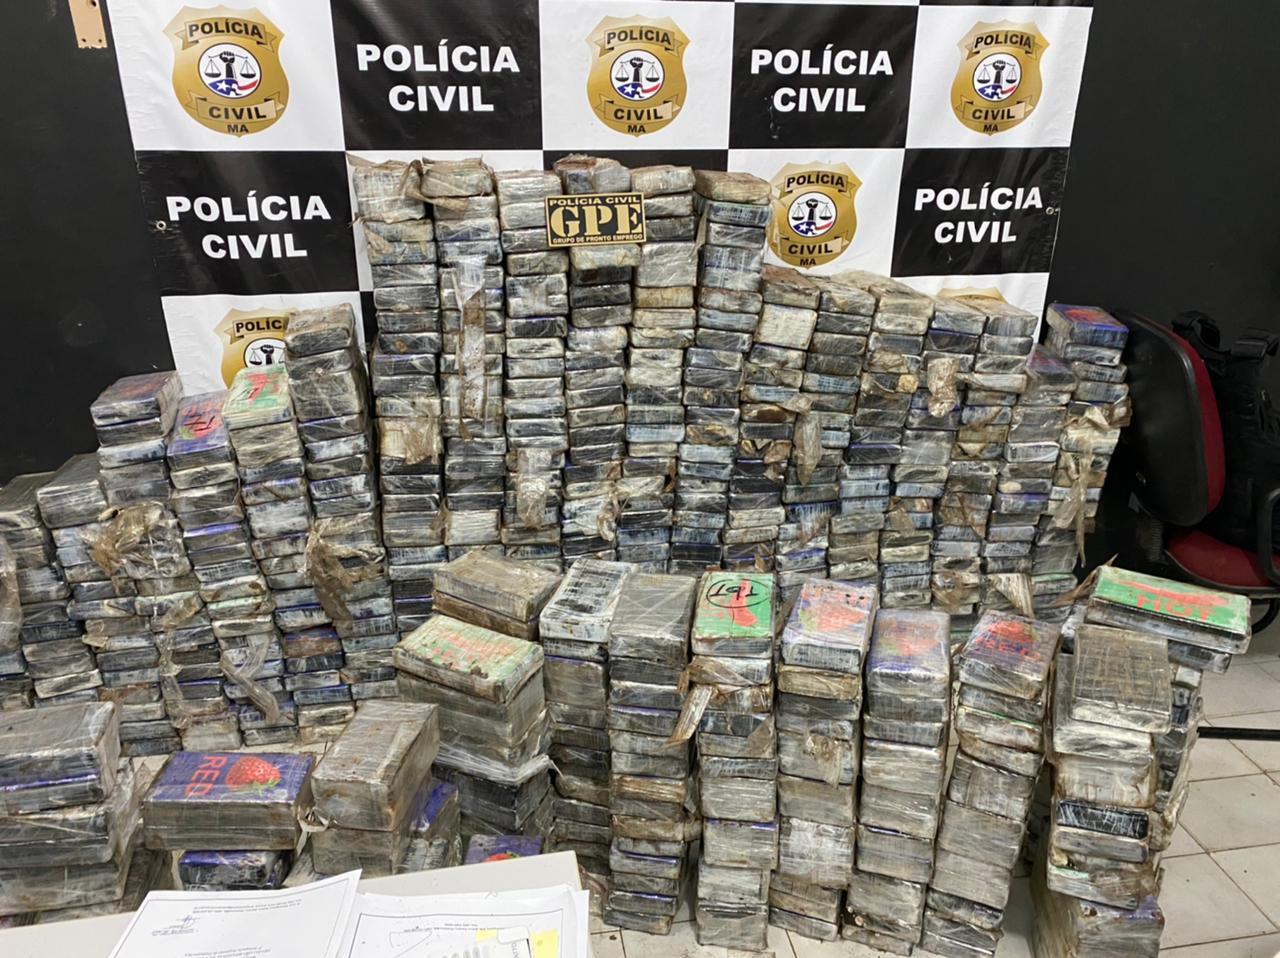 POLÍCIA CIVIL APREENDE CAMINHÃO COM MAIS DE MEIA TONELADA DE PASTA BASE DE COCAÍNA EM PINHEIRO